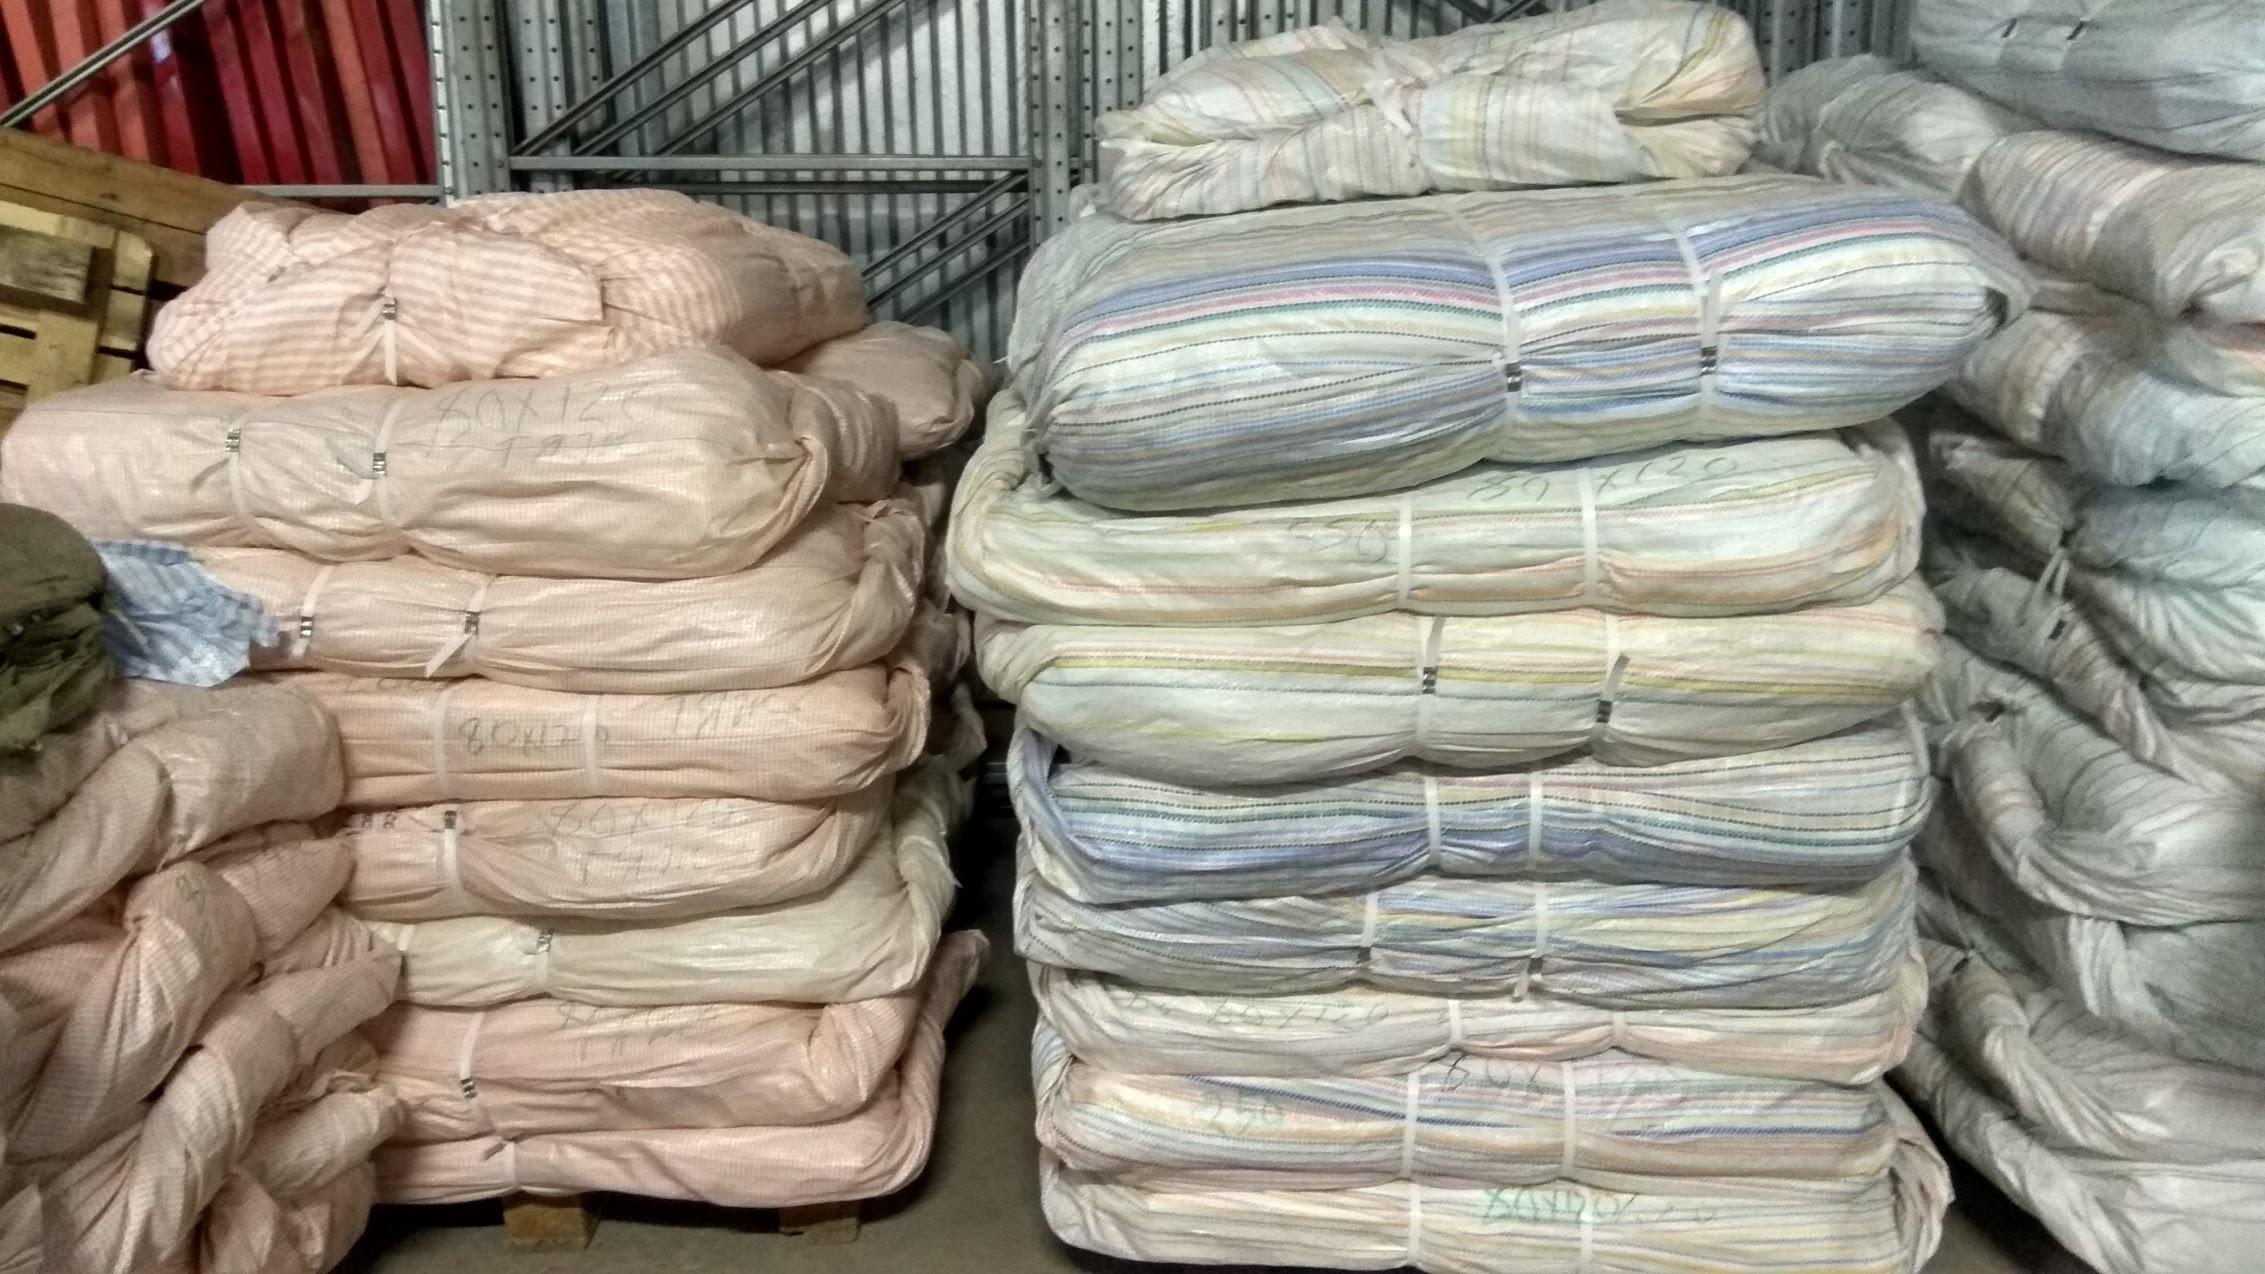 Мешки полипропиленовые  80 * 120 см. высший сорт, большие на 70 кг. вес 120 гр